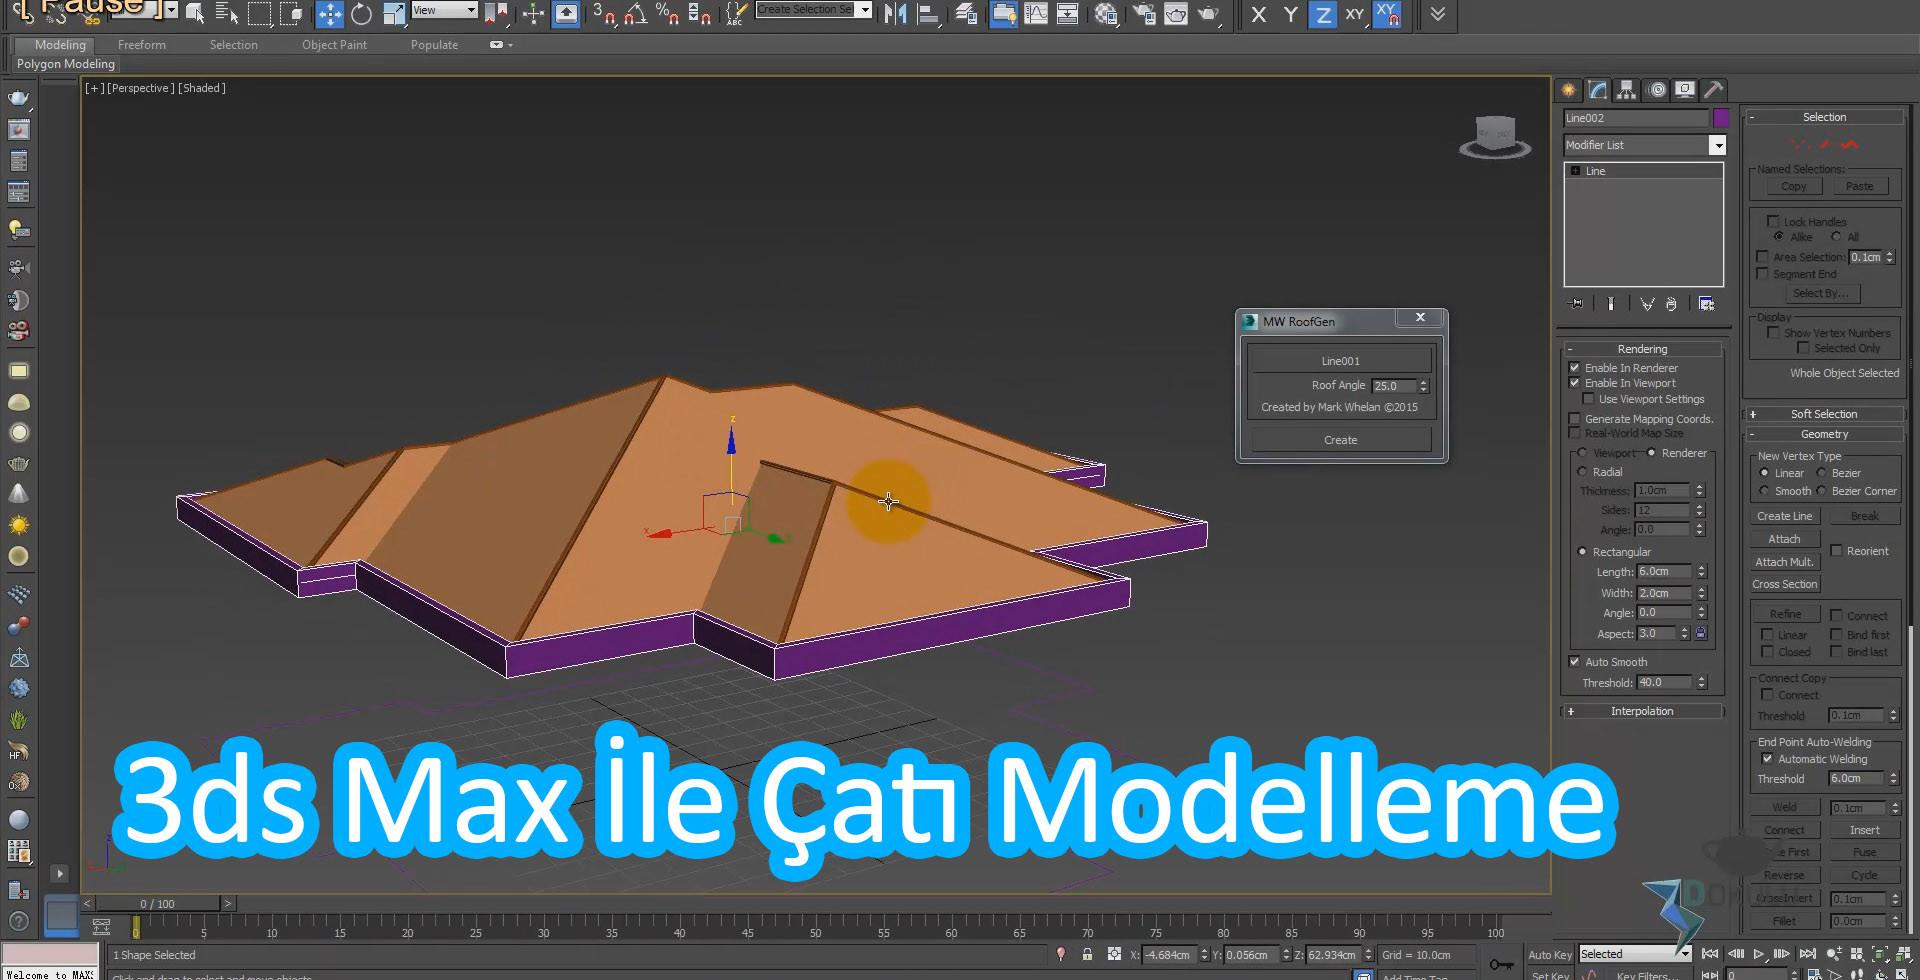 3ds Max İle Çatı Yapımı – 3ds Max İle Çatı Modelleme